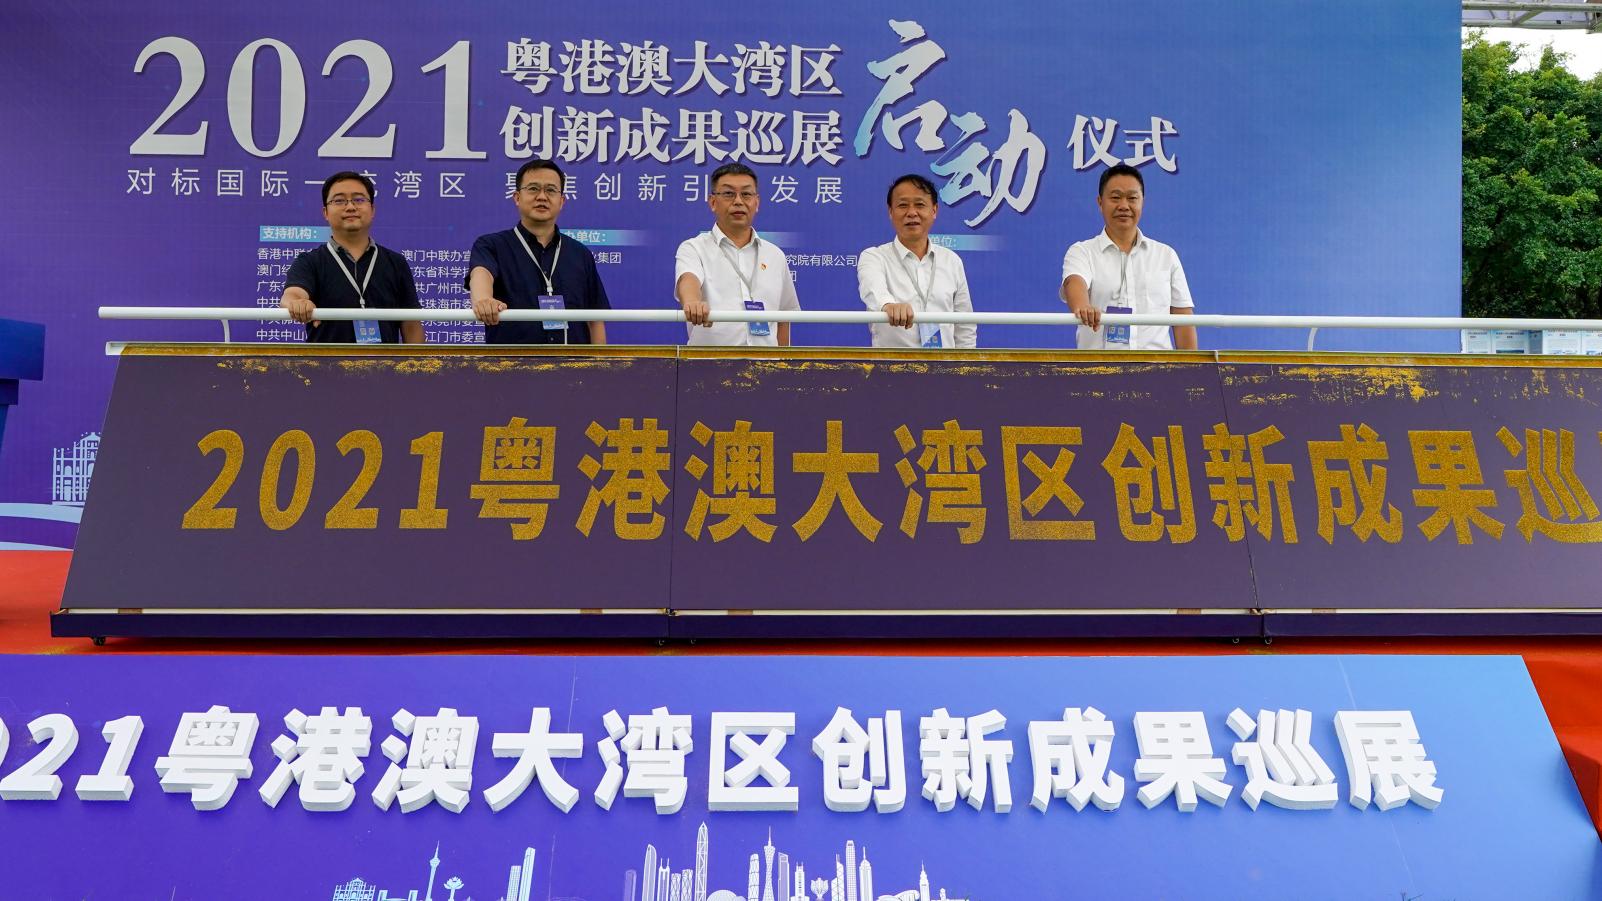 2021年粤港澳大湾区创新成果巡展在深圳启动